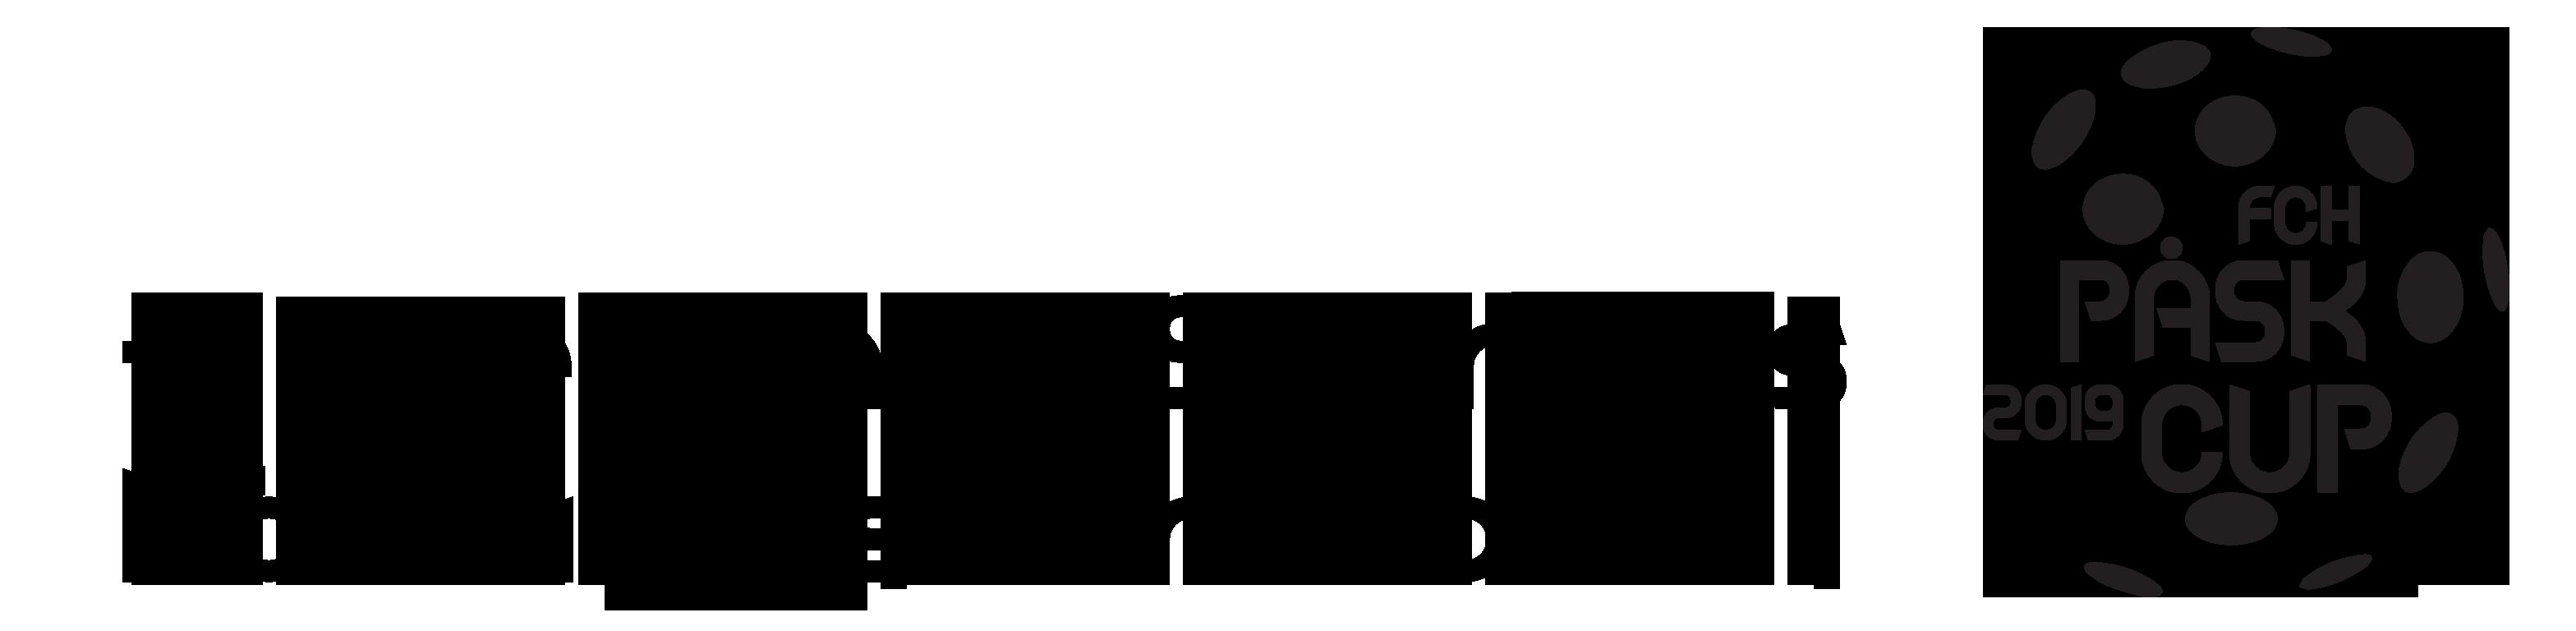 FCH Påskcup